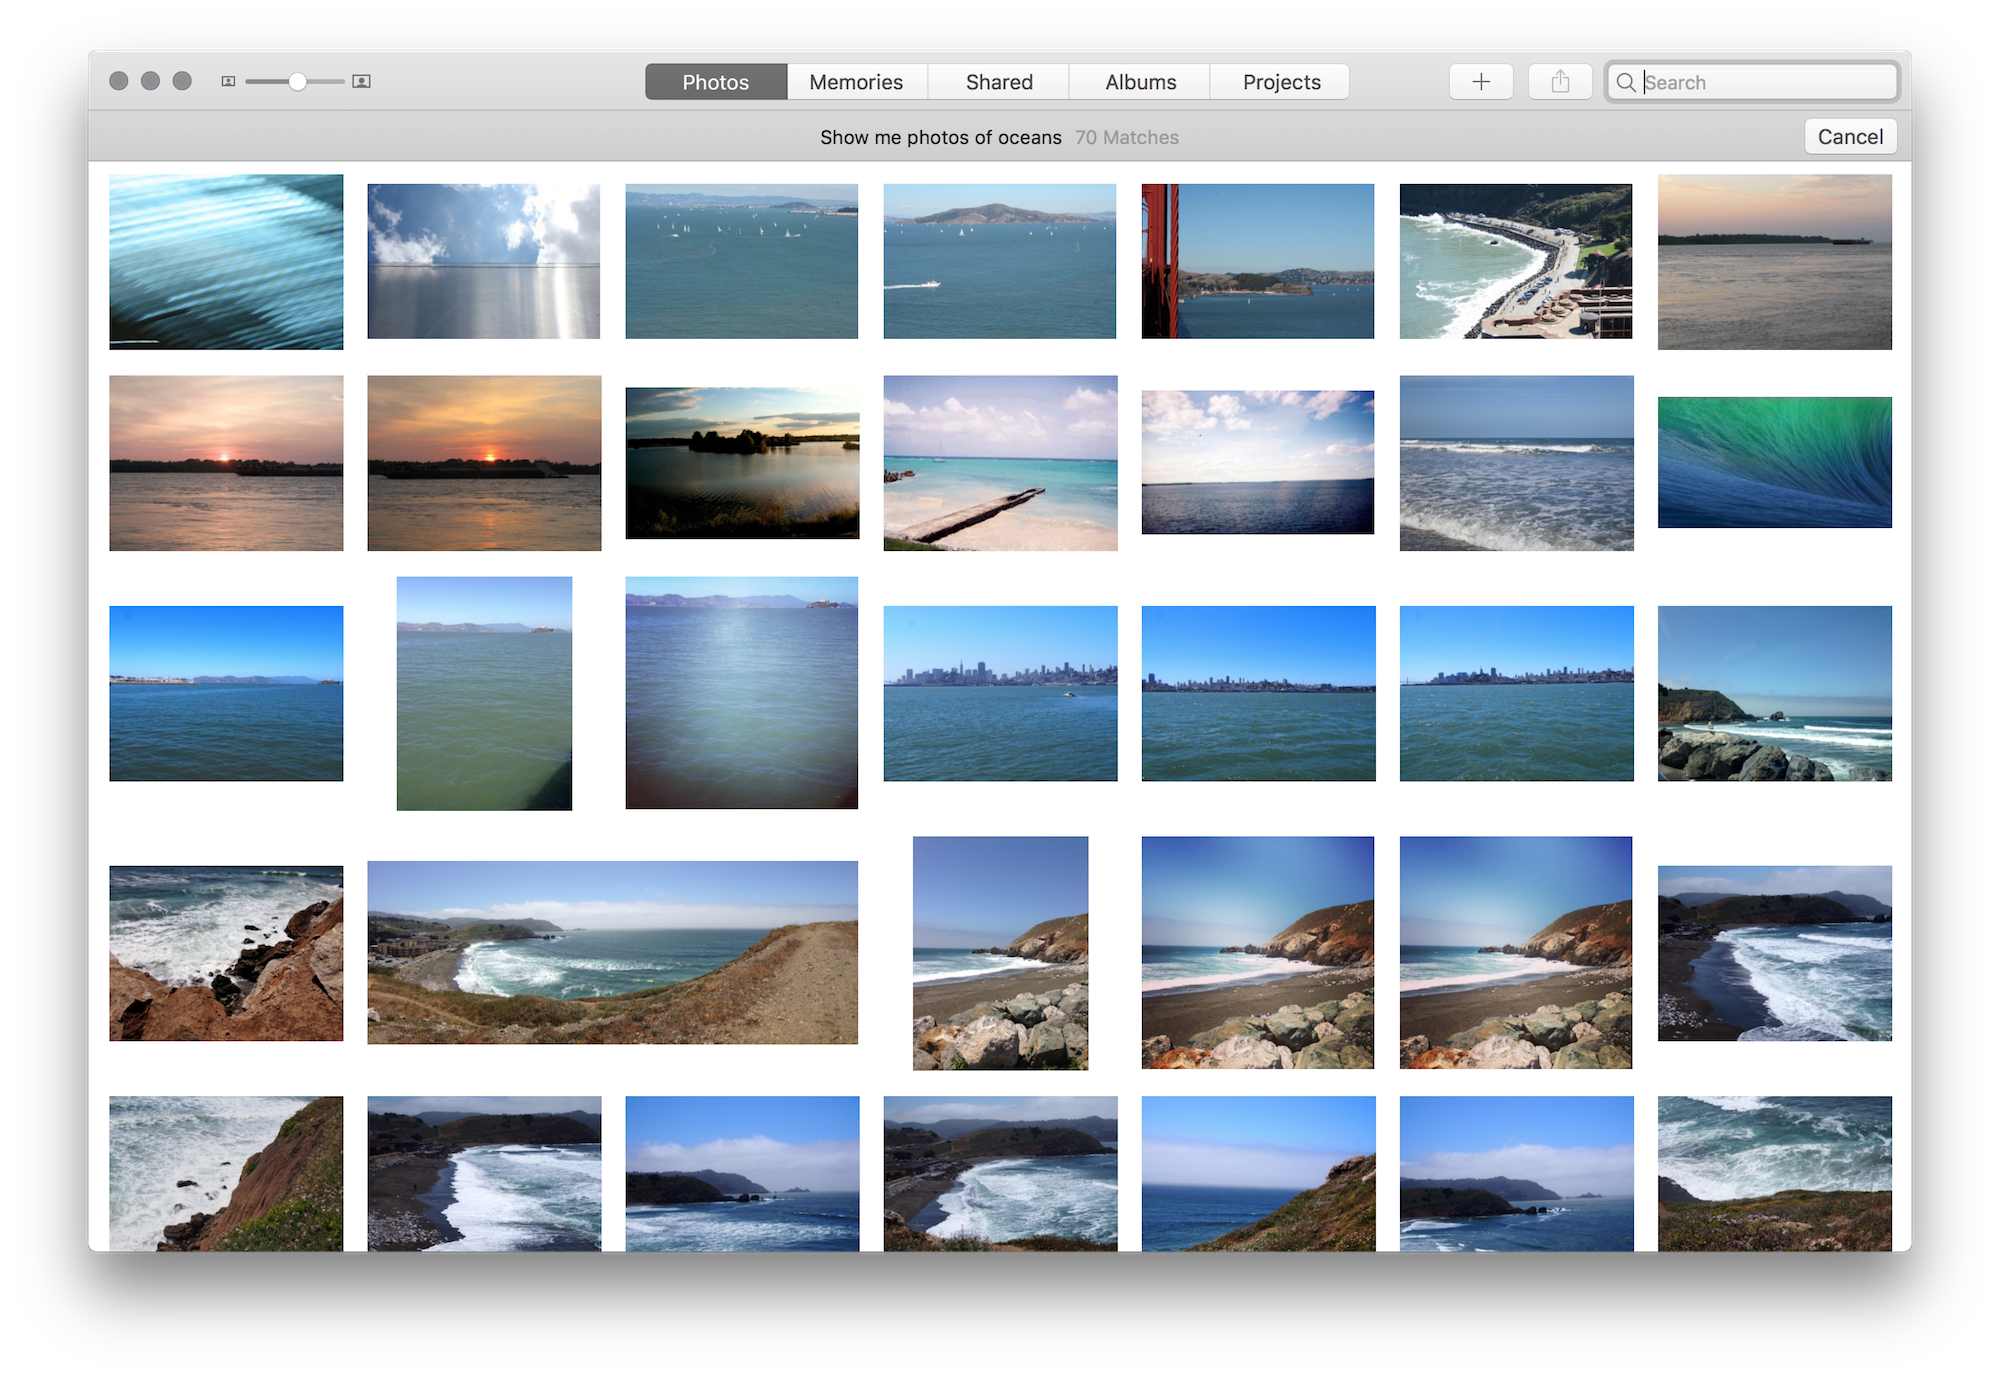 Oceans in Photos.app